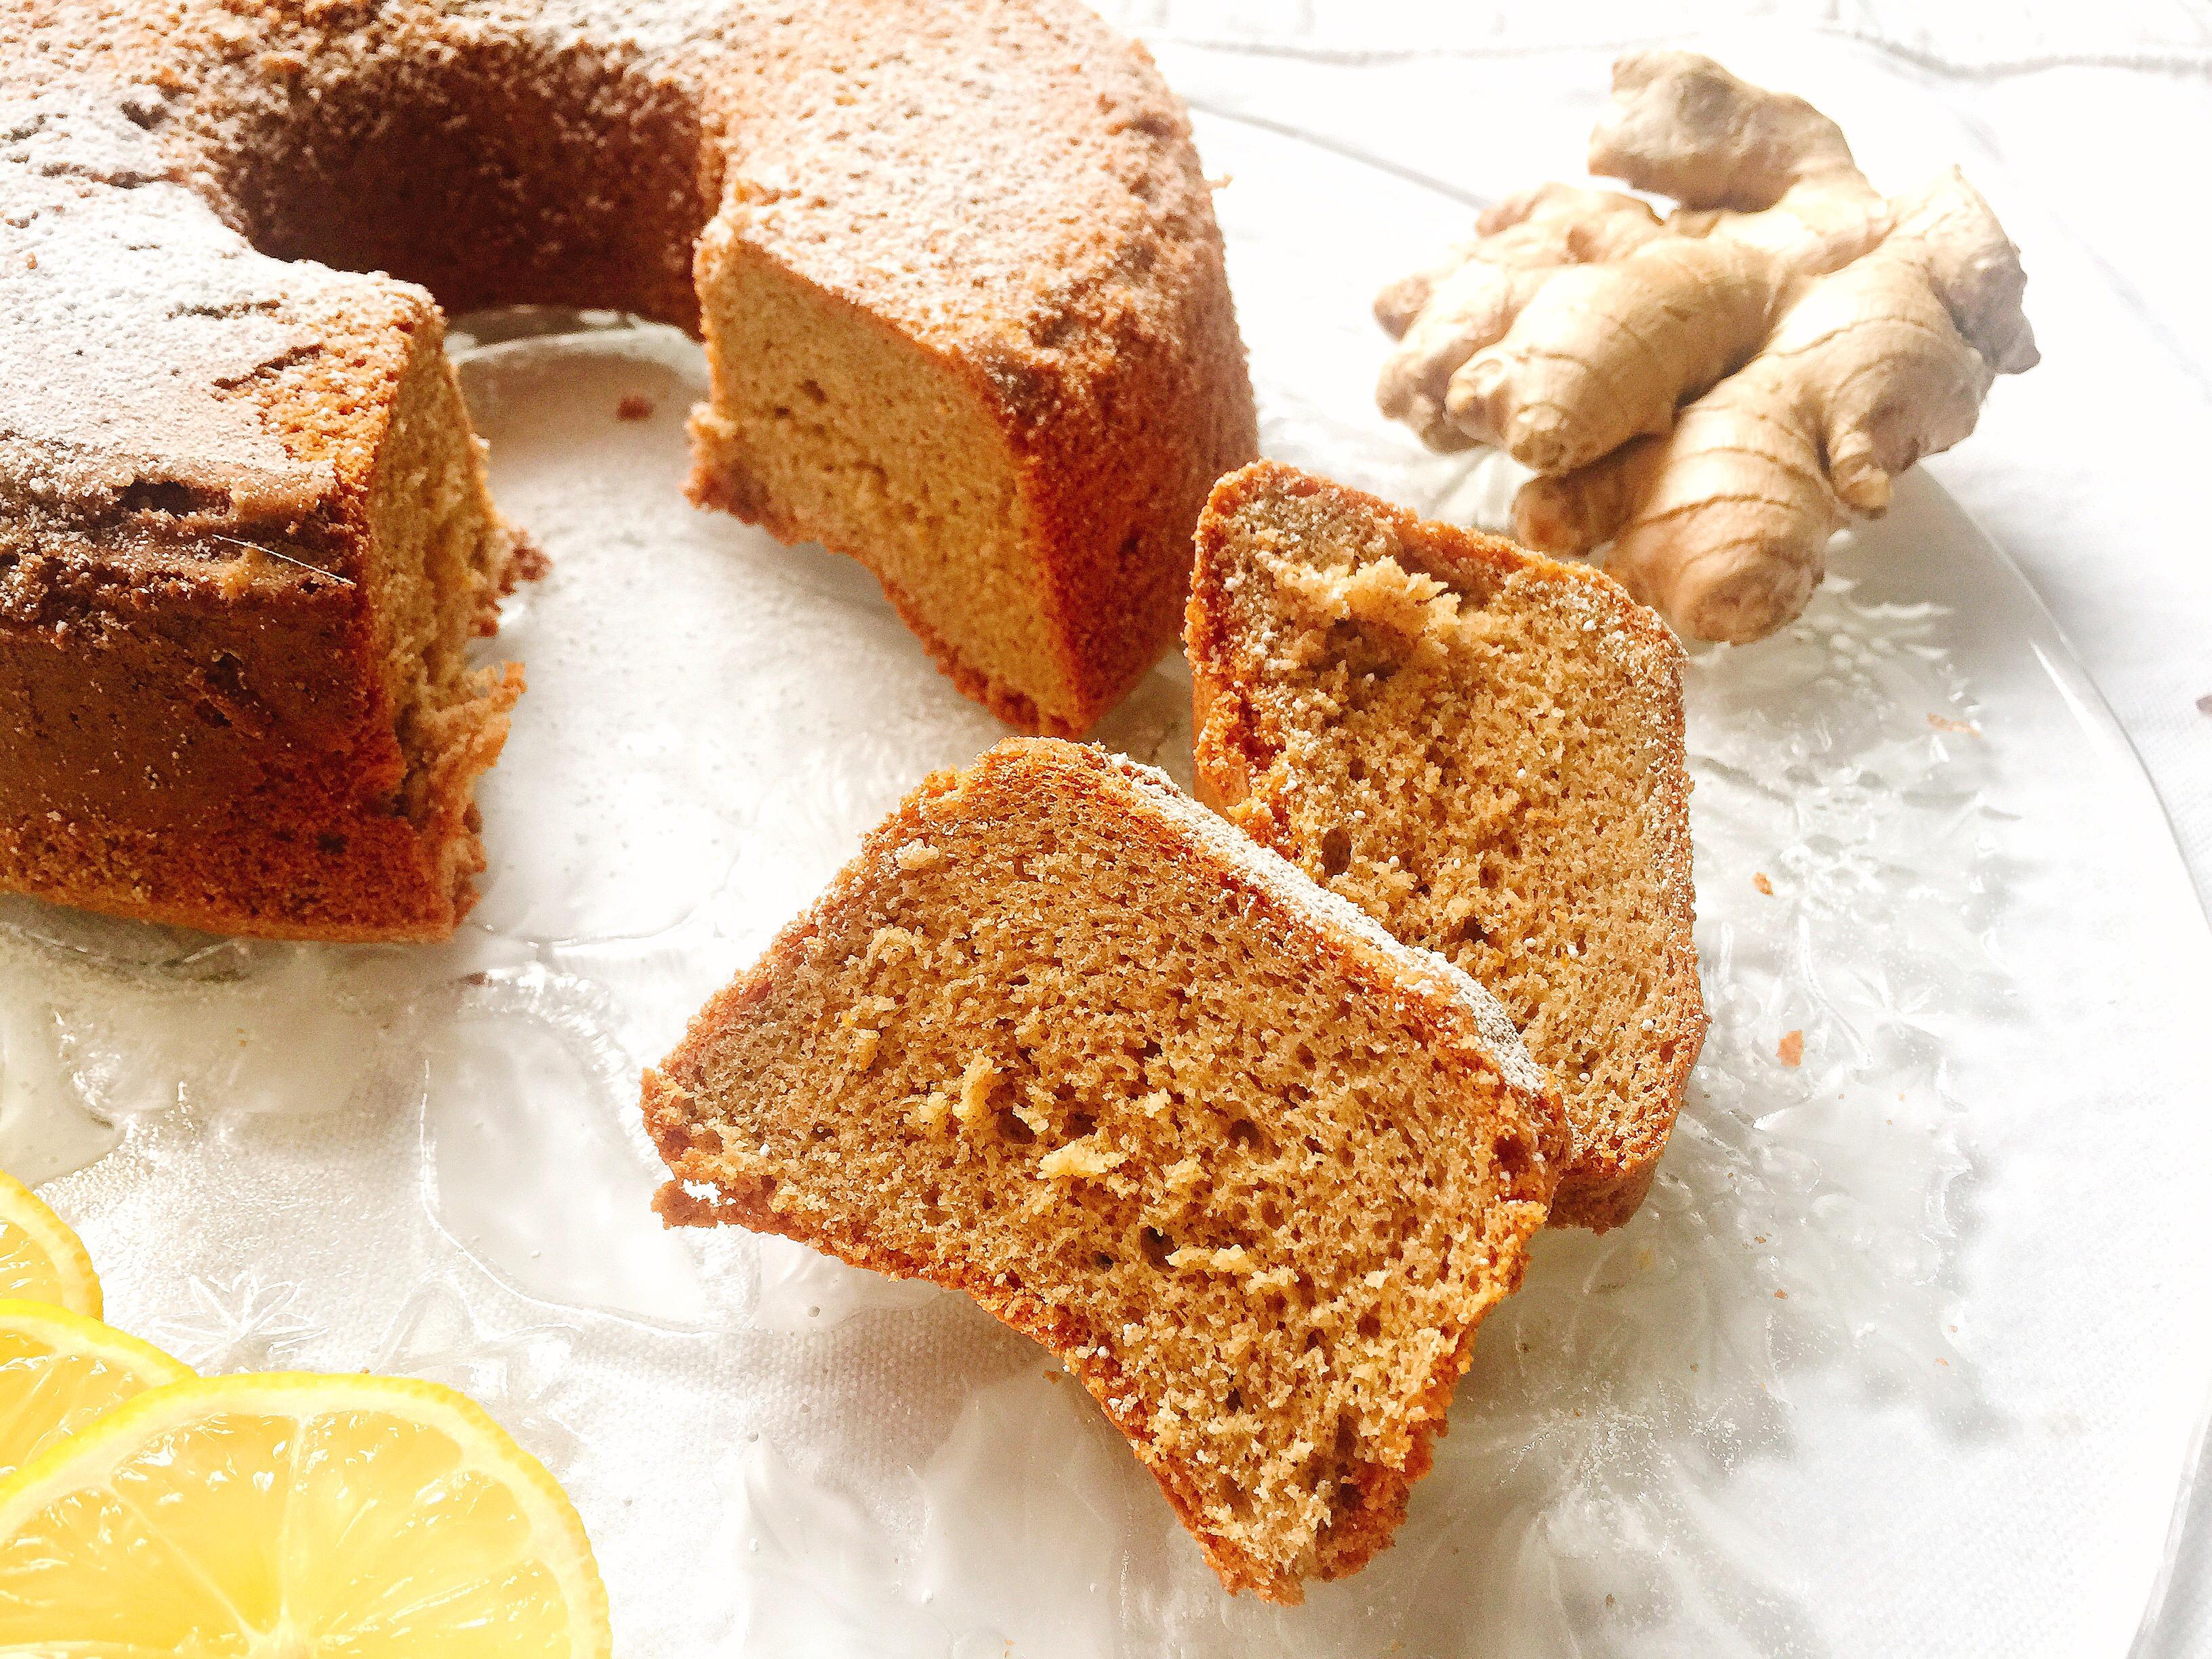 Torta Zenzero e Limone Senza Burro, un dolce profumato dal gusto fresco dleicato e avvolgente di dolci senza burro